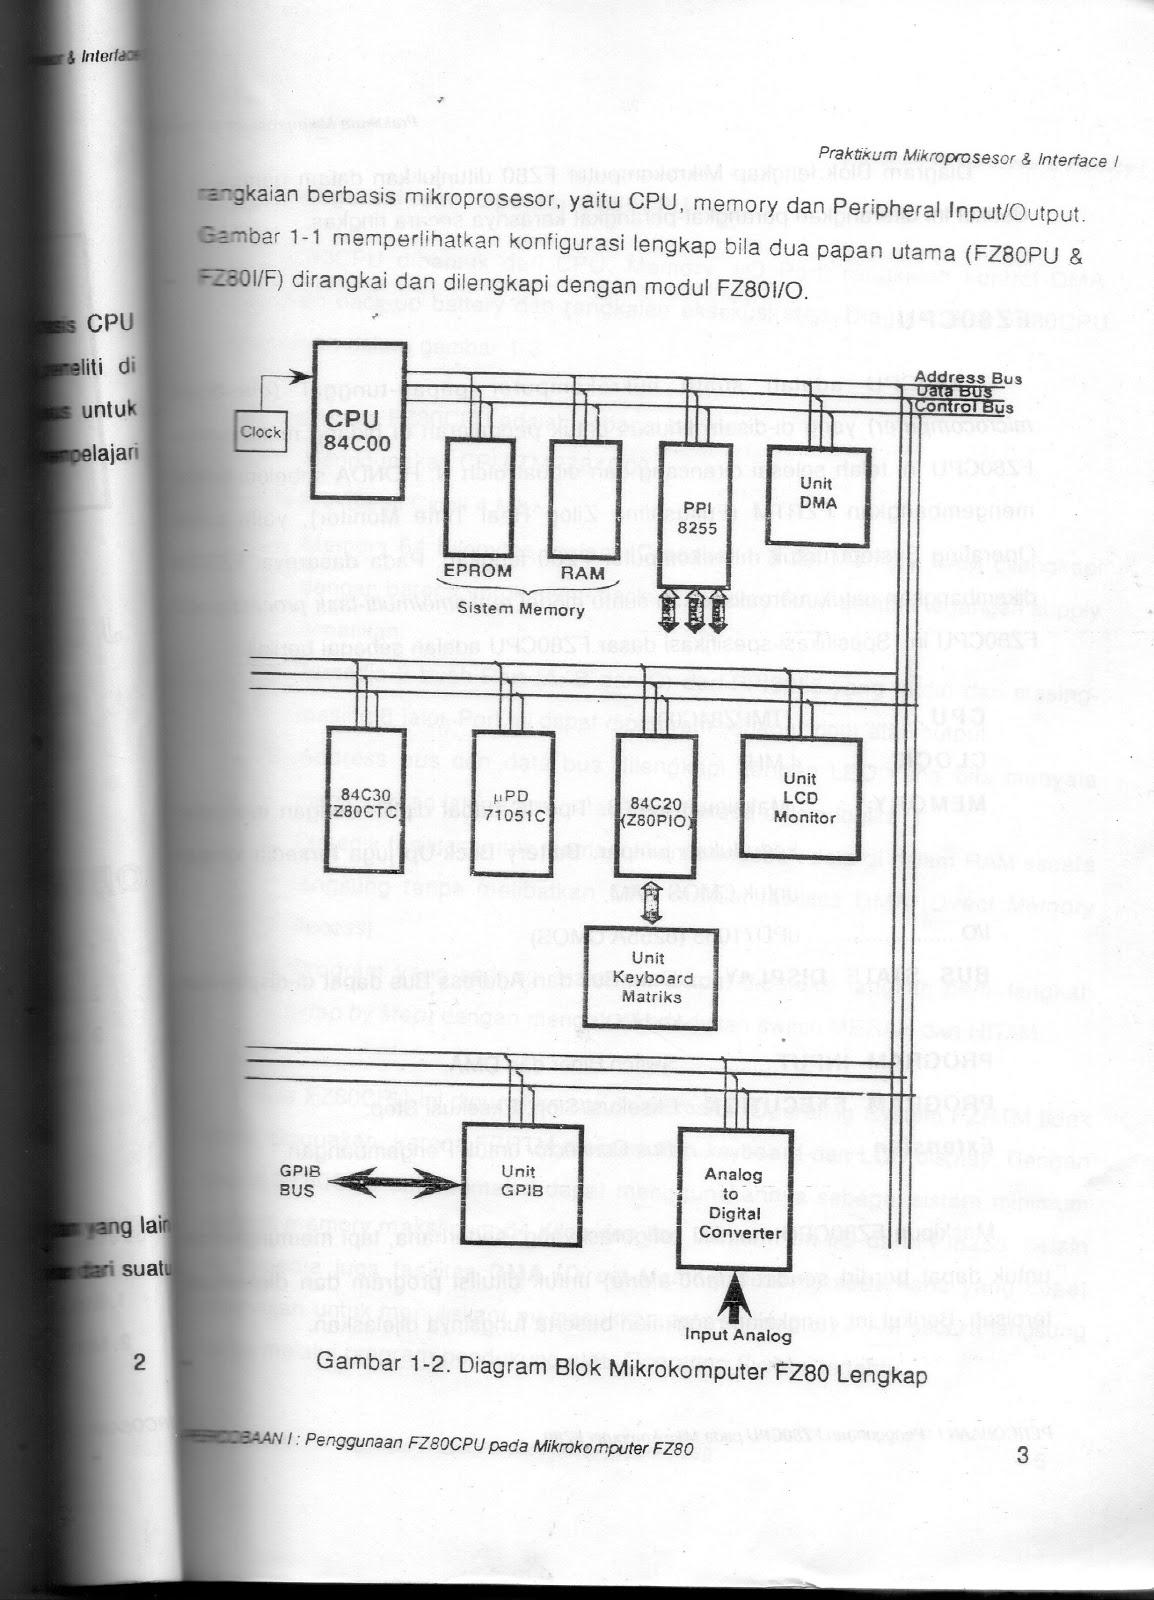 Penggunaan fz80cpu mikrokomputer fz80 untuk praktikum mikroprosesor gambar 1 2 diagram block mikrokomputer fz80 lengkap ccuart Gallery